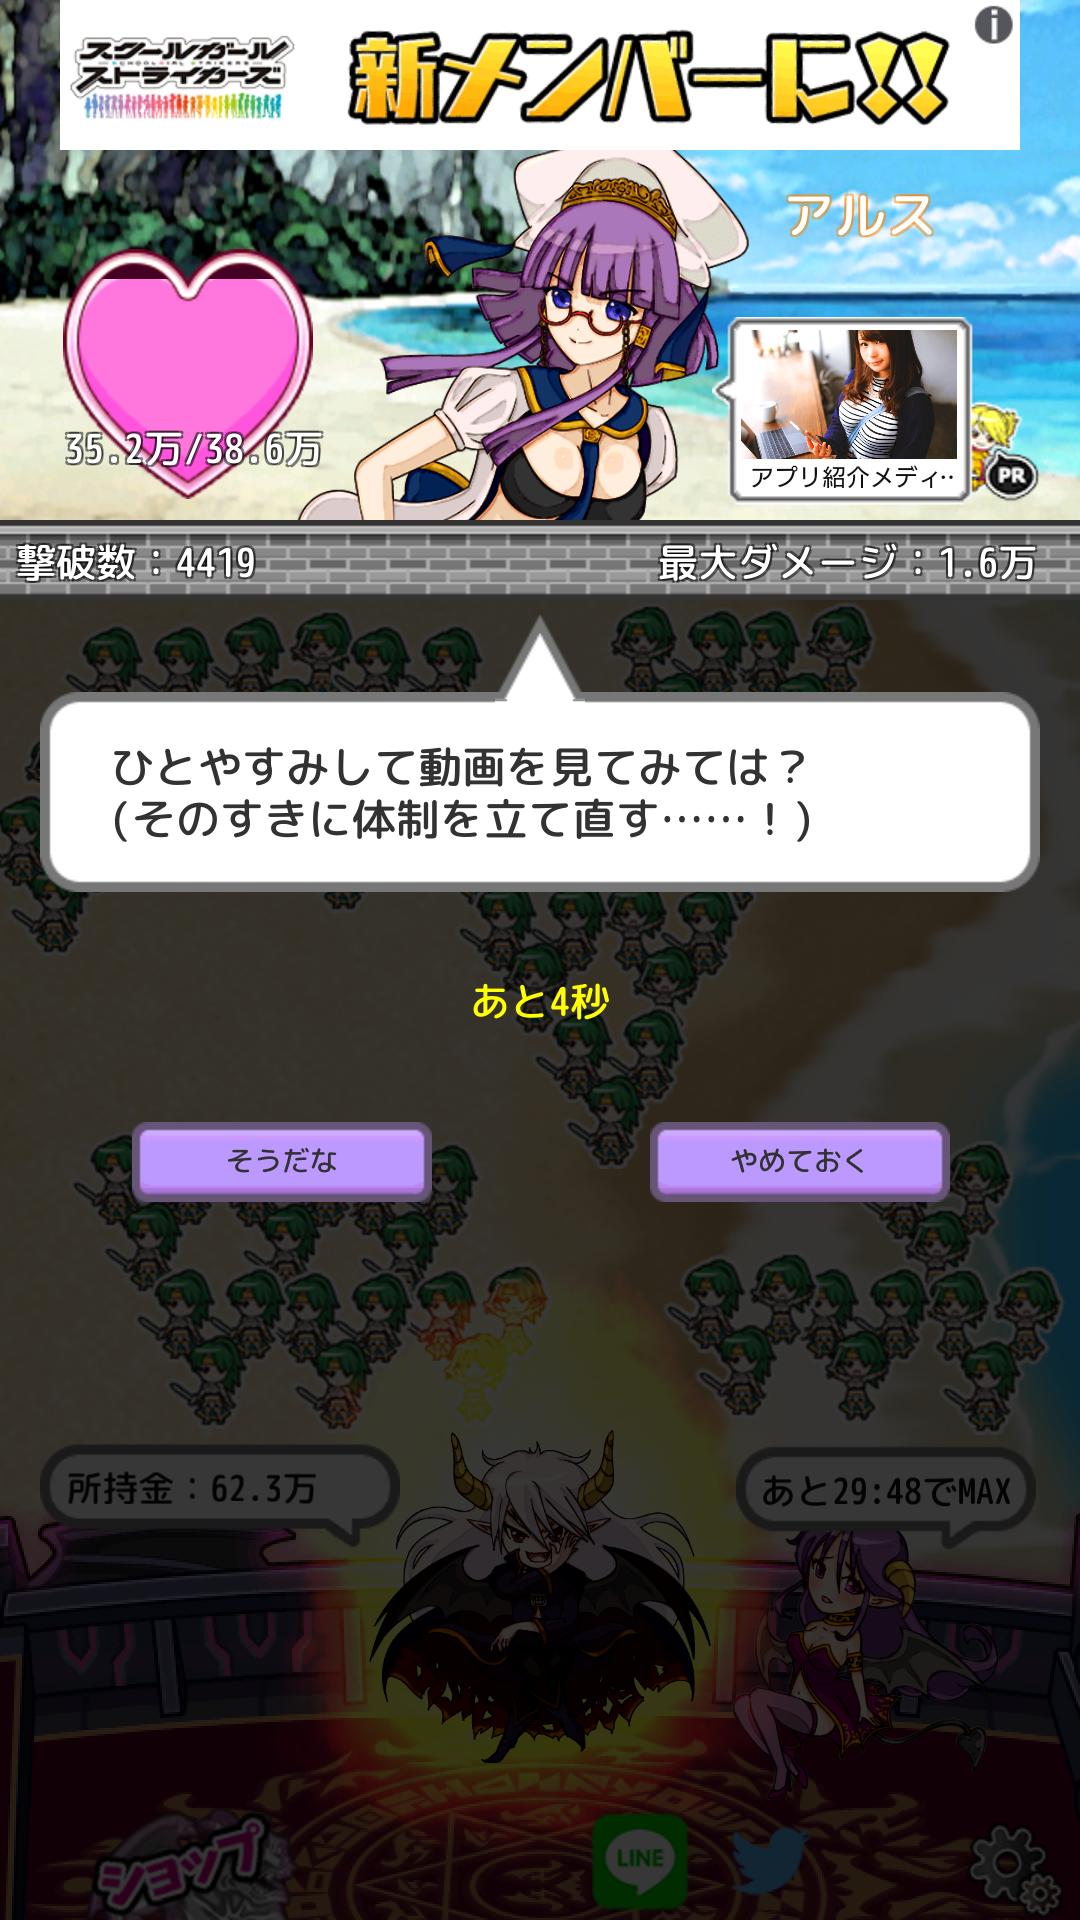 androidアプリ 魔王へと転生した俺が世界征服をして姫ハーレムへと至る話攻略スクリーンショット6